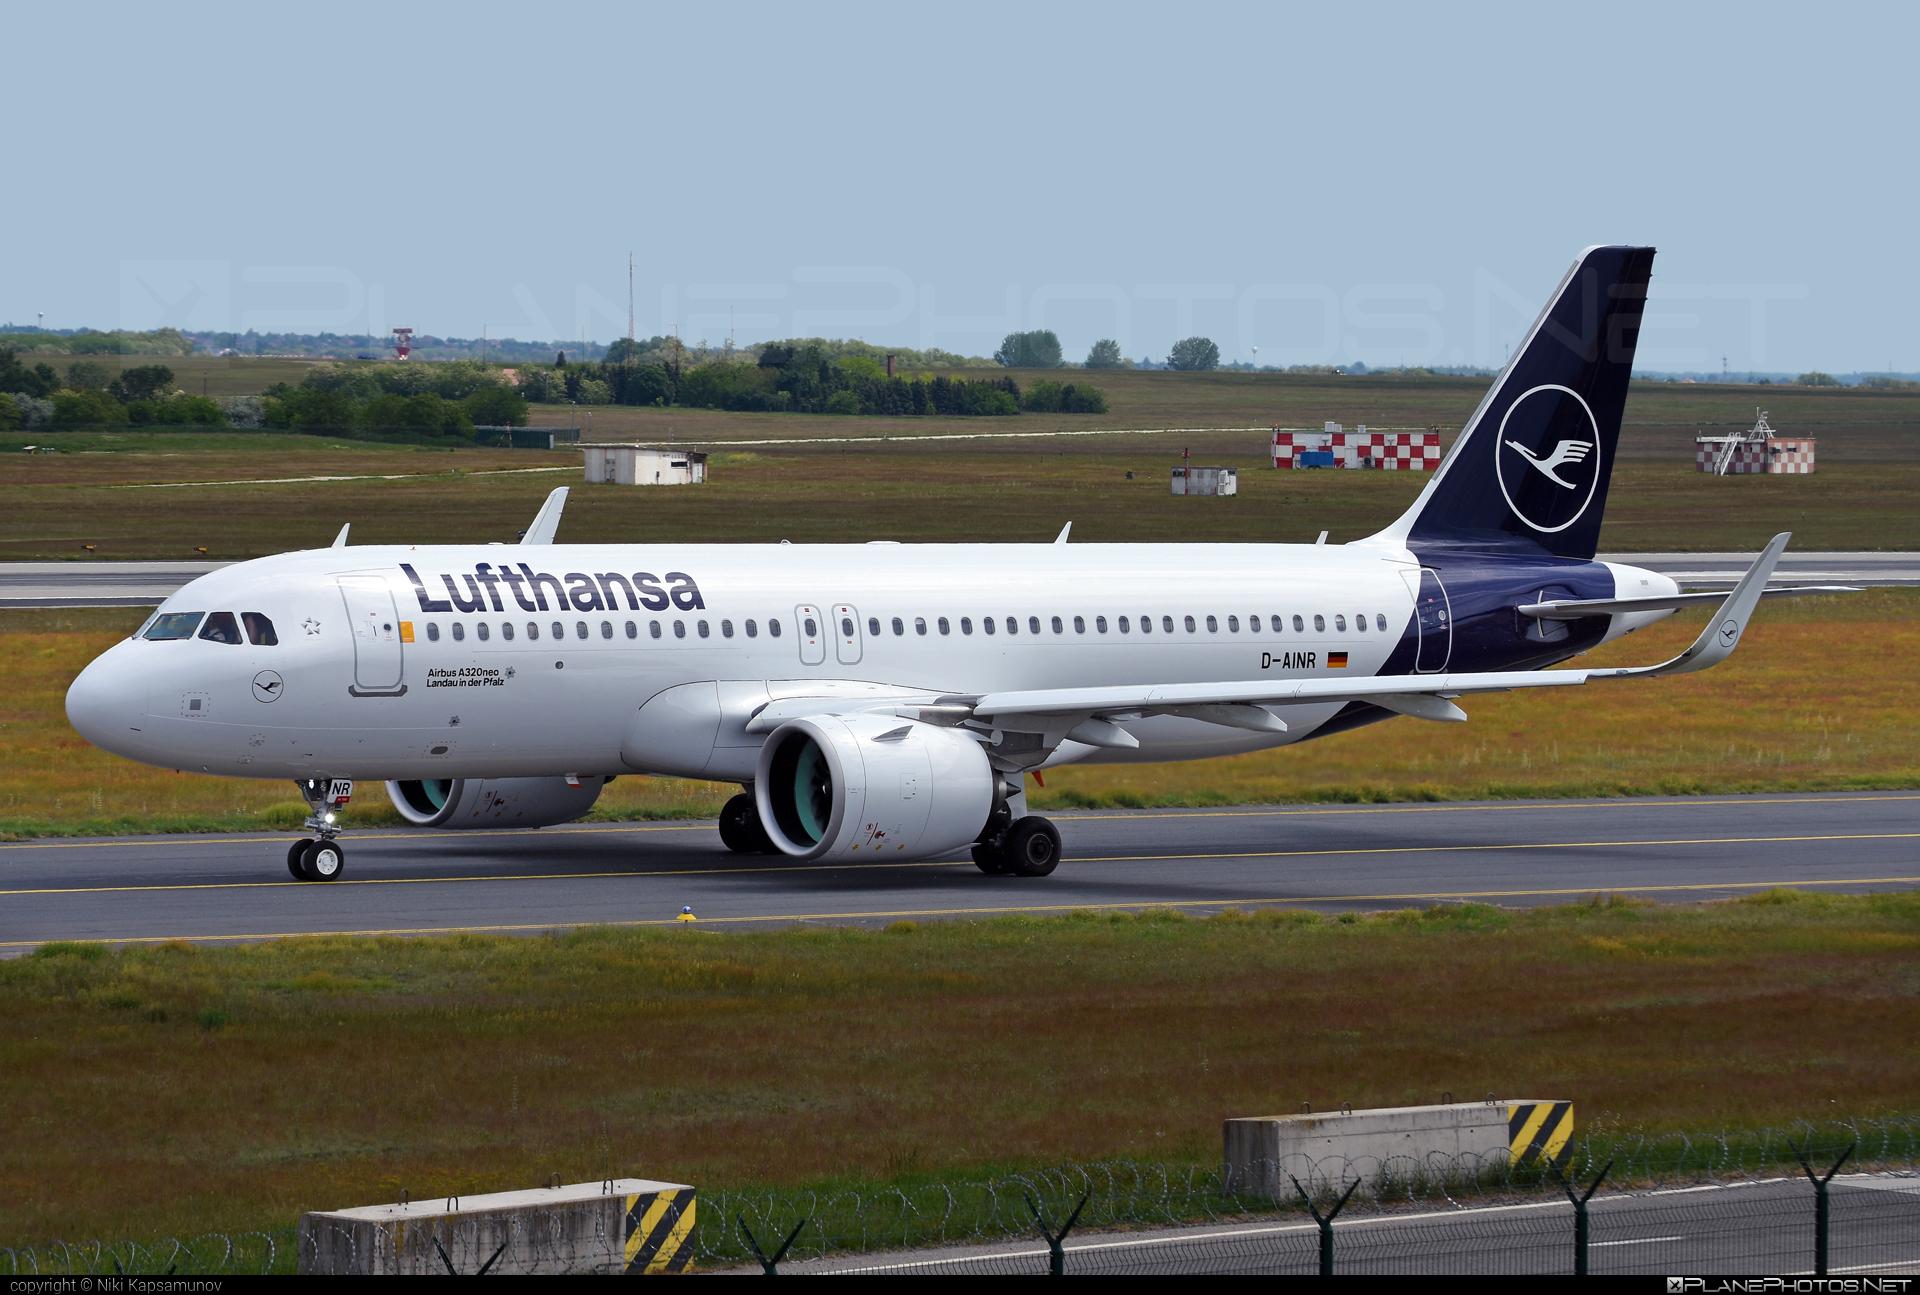 Airbus A320-271N - D-AINR operated by Lufthansa #a320 #a320family #a320neo #airbus #airbus320 #lufthansa